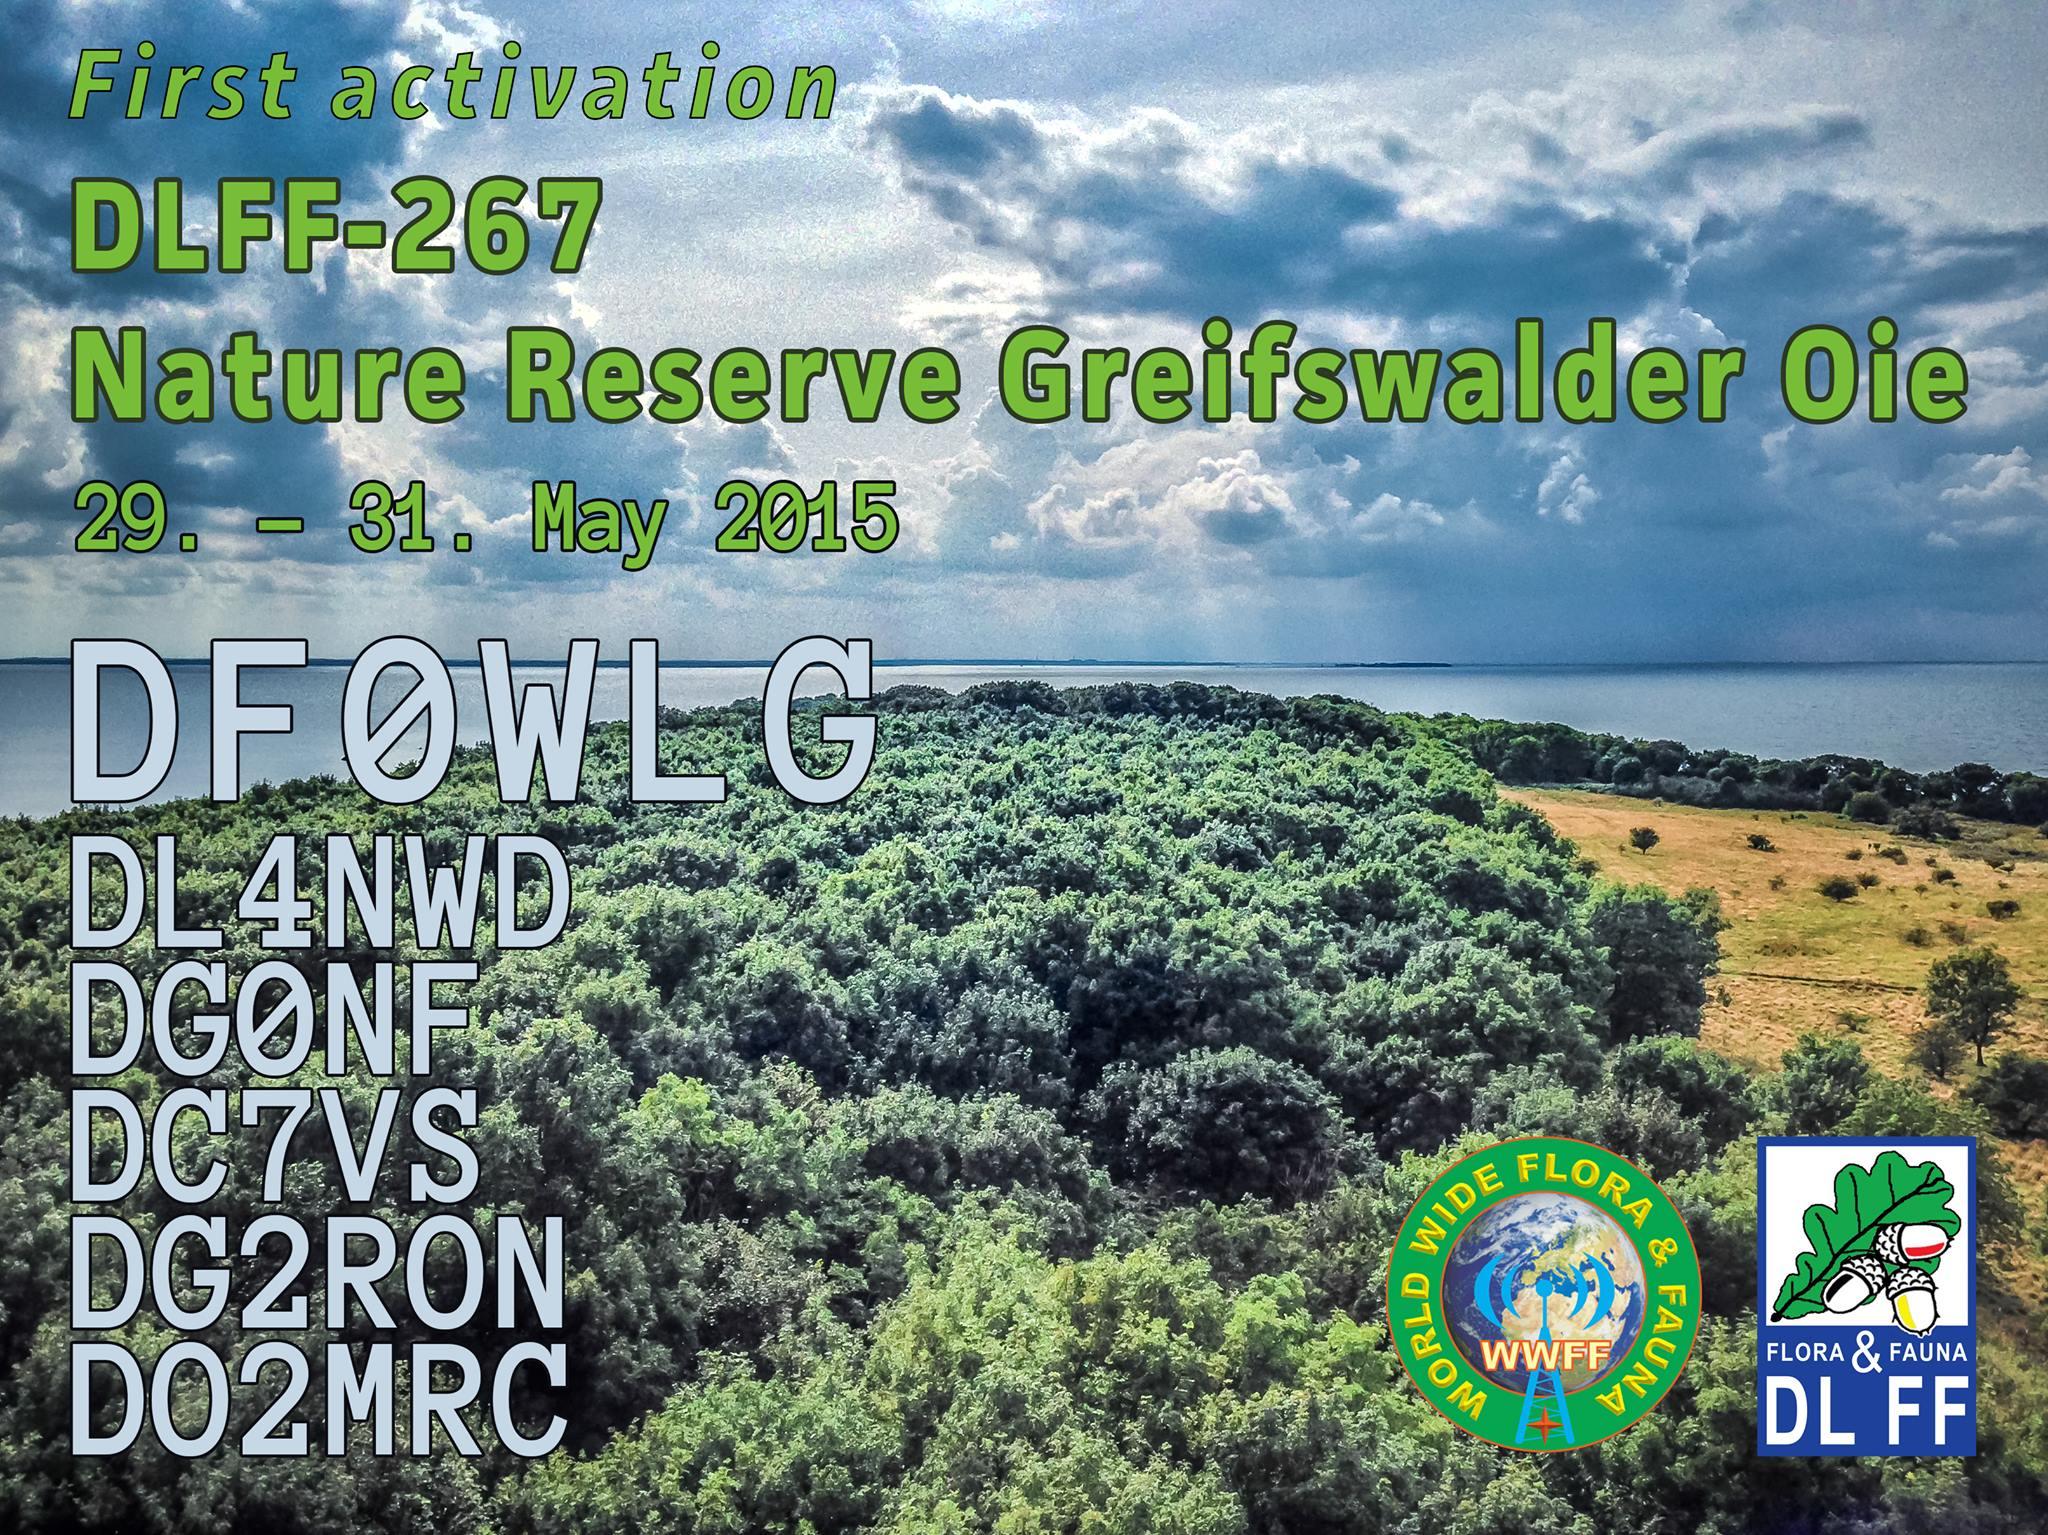 First activation DLFF-267 Nature reserve Greifswalder Oie